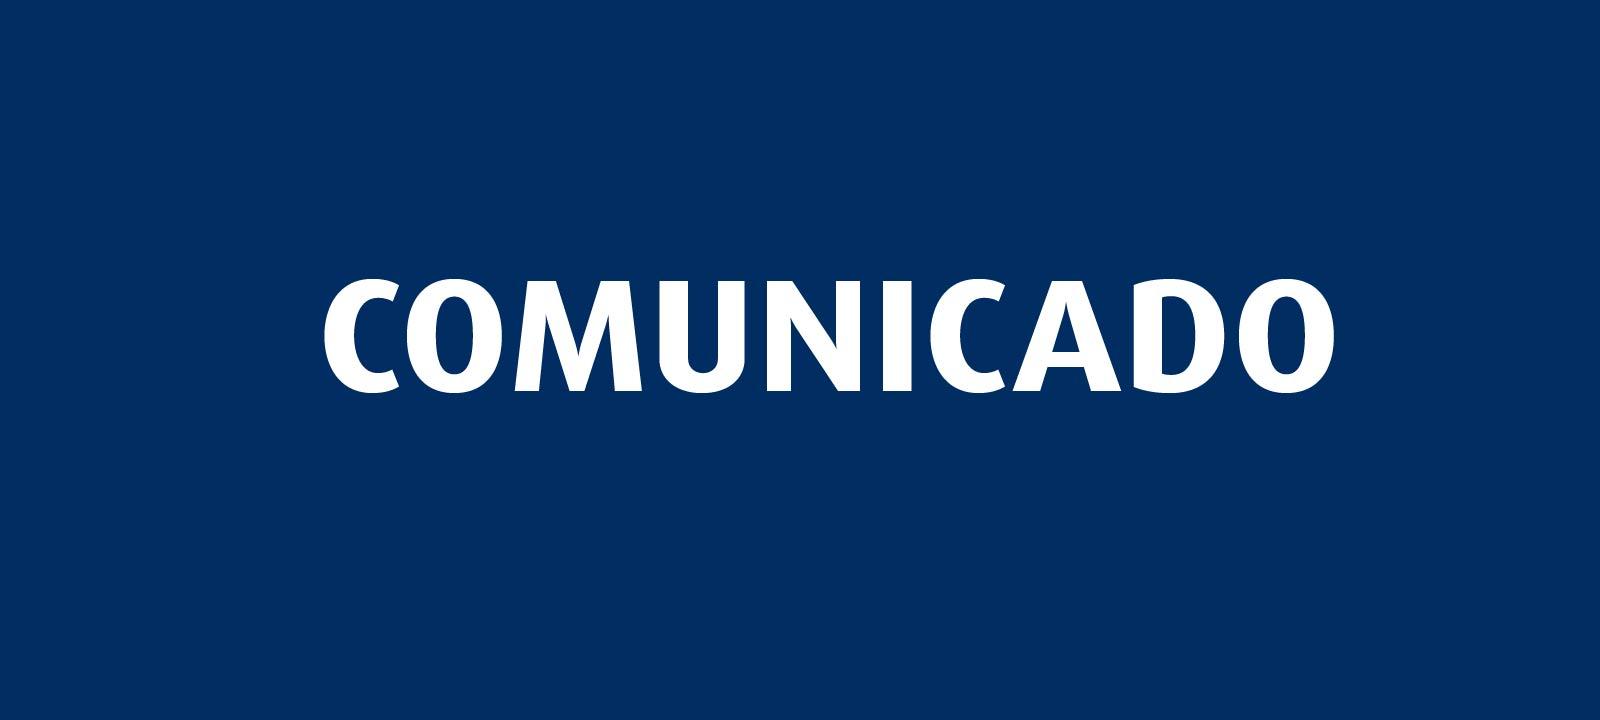 Comunicado de profesores y cuerpo administrativo | Derecho | Uniandes